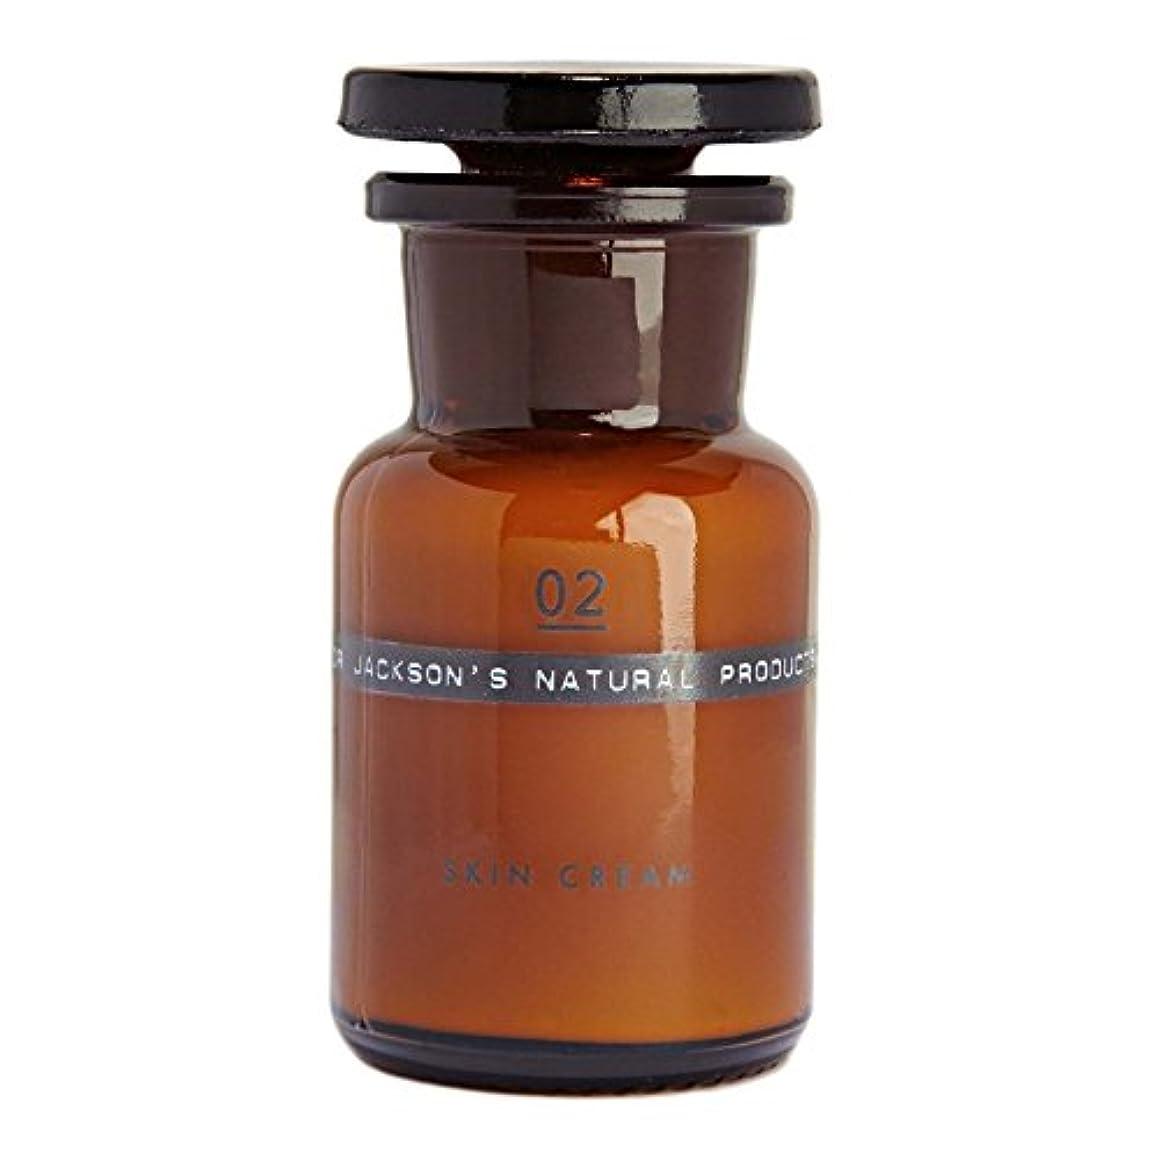 息苦しい魔法有毒なDr Jackson's 02 Skin Cream 50ml (Pack of 6) - ジャクソンの02スキンクリーム50ミリリットル x6 [並行輸入品]